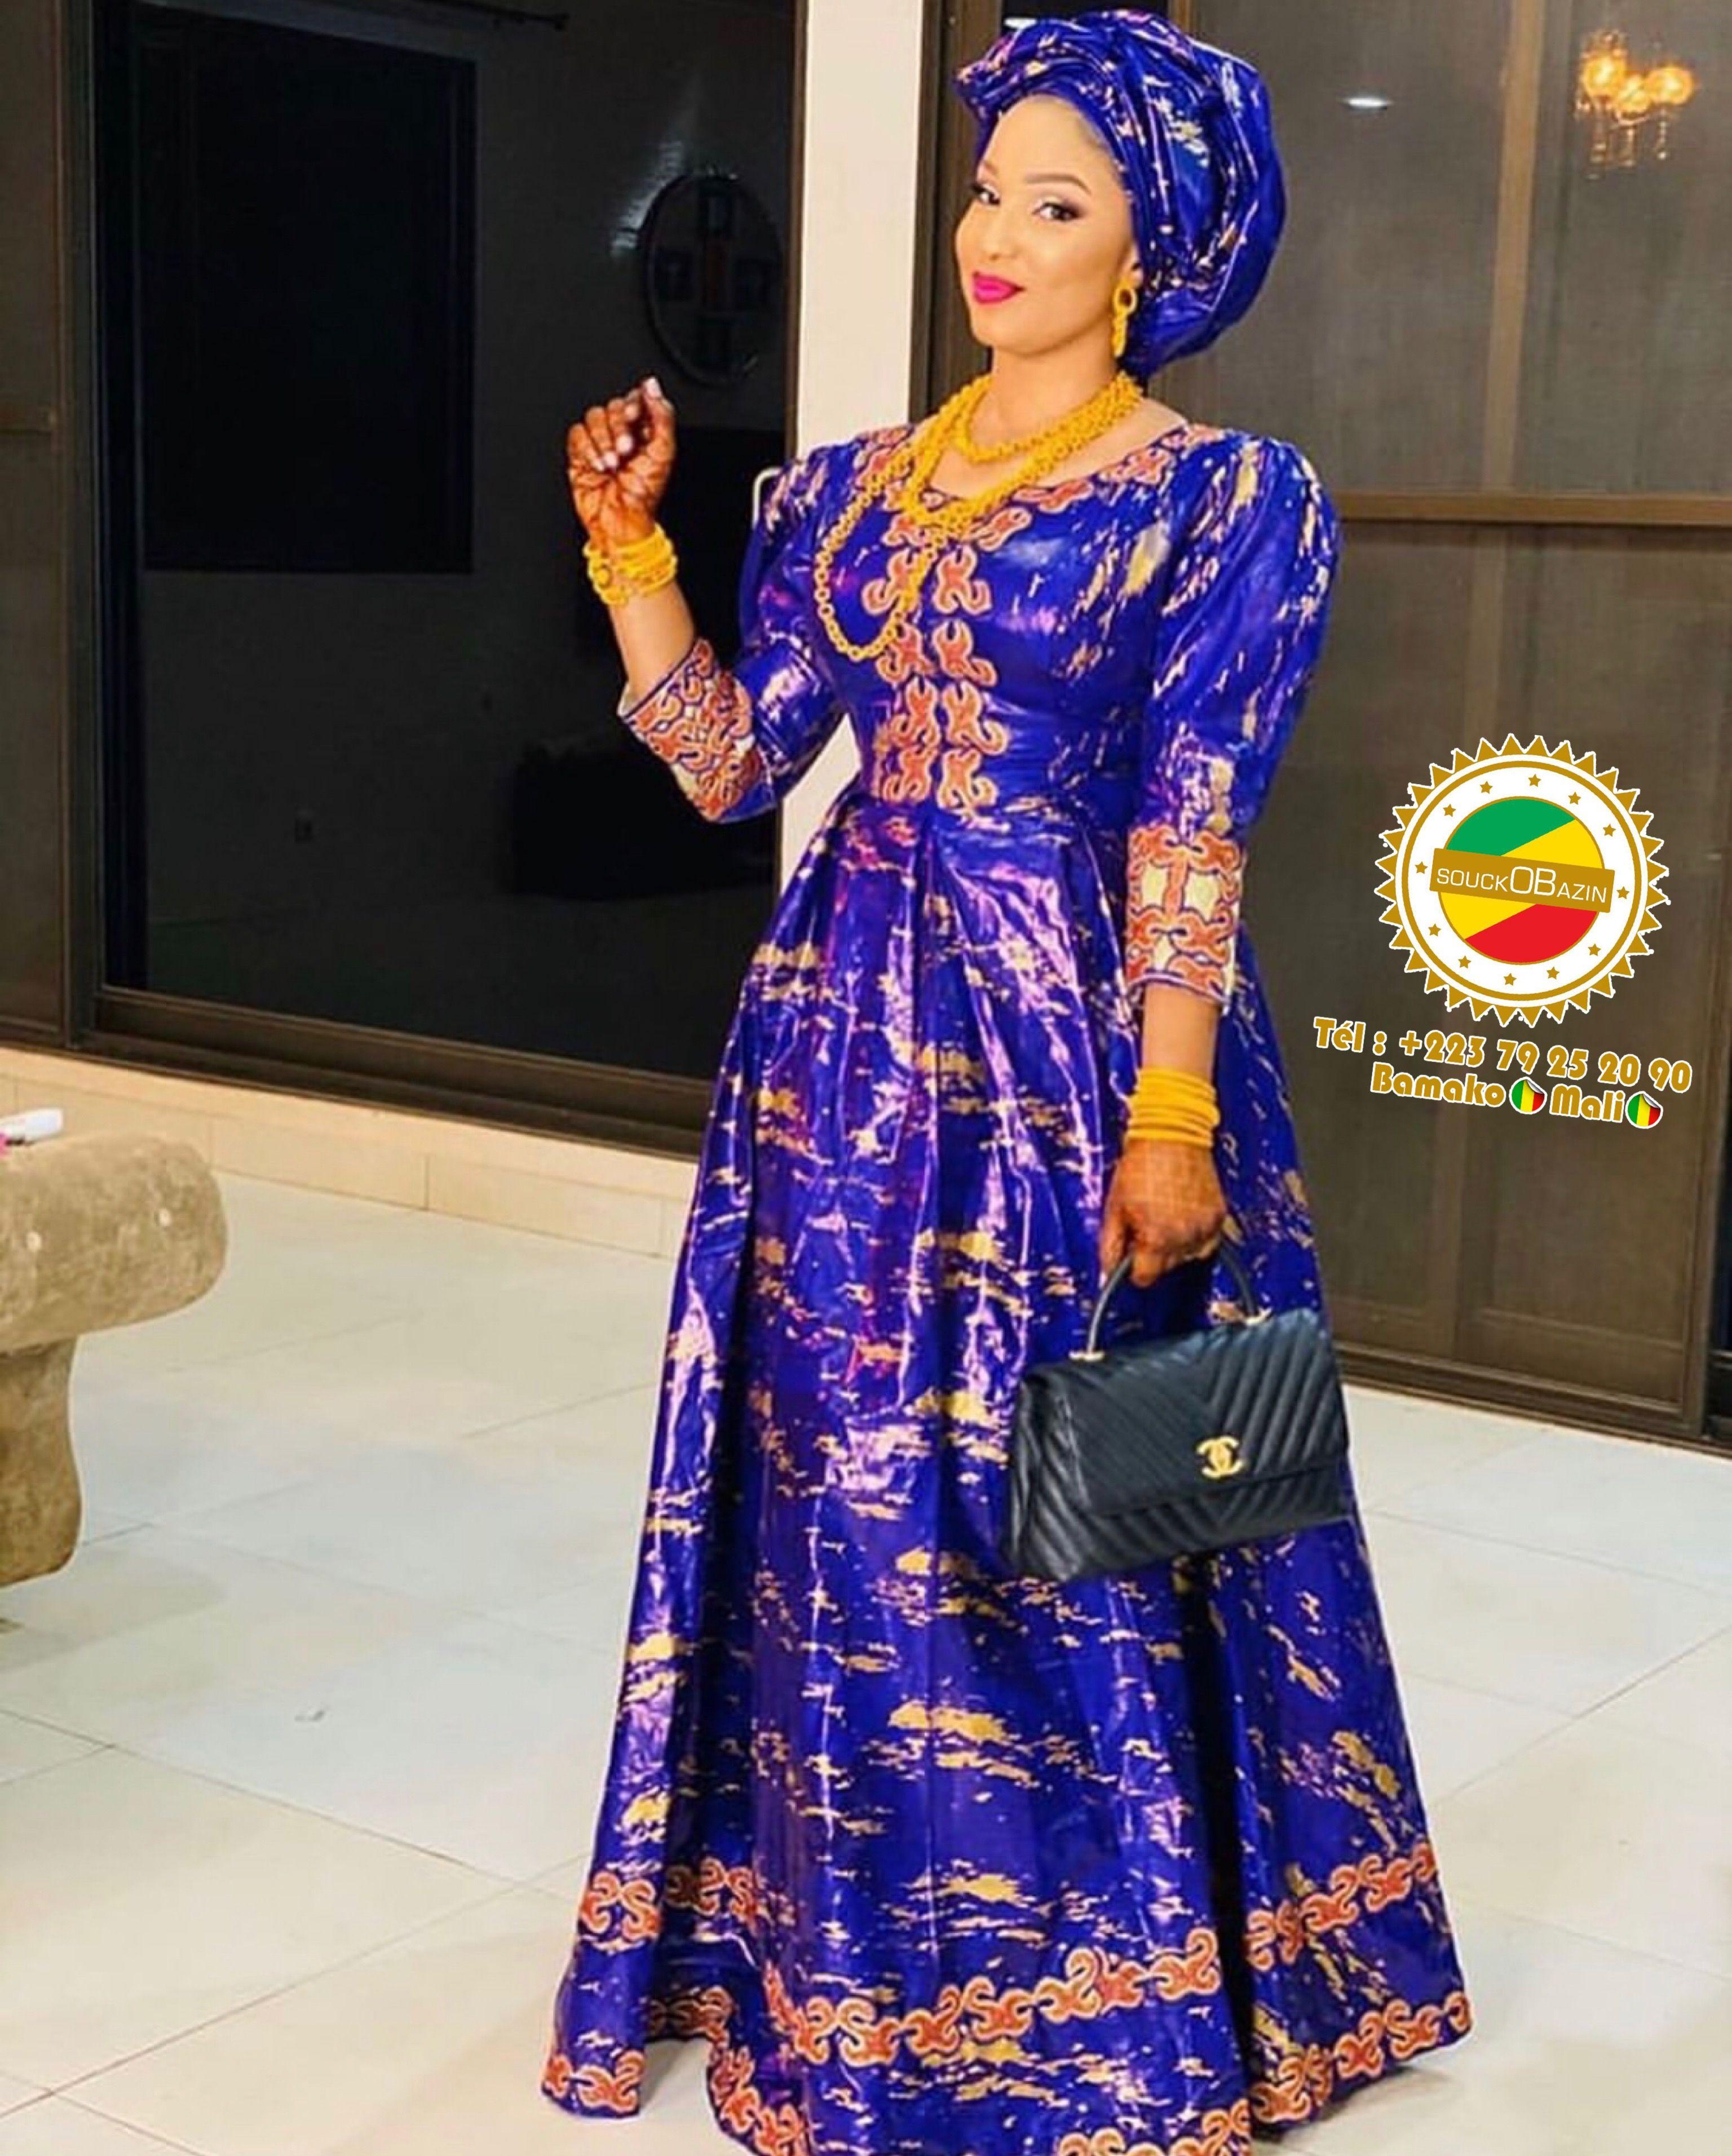 2020 Choisissez Soucko Bazin Pour Tous Vos Besoins Vestimentaires En African Fashion Traditional Latest African Fashion Dresses African Print Fashion Dresses